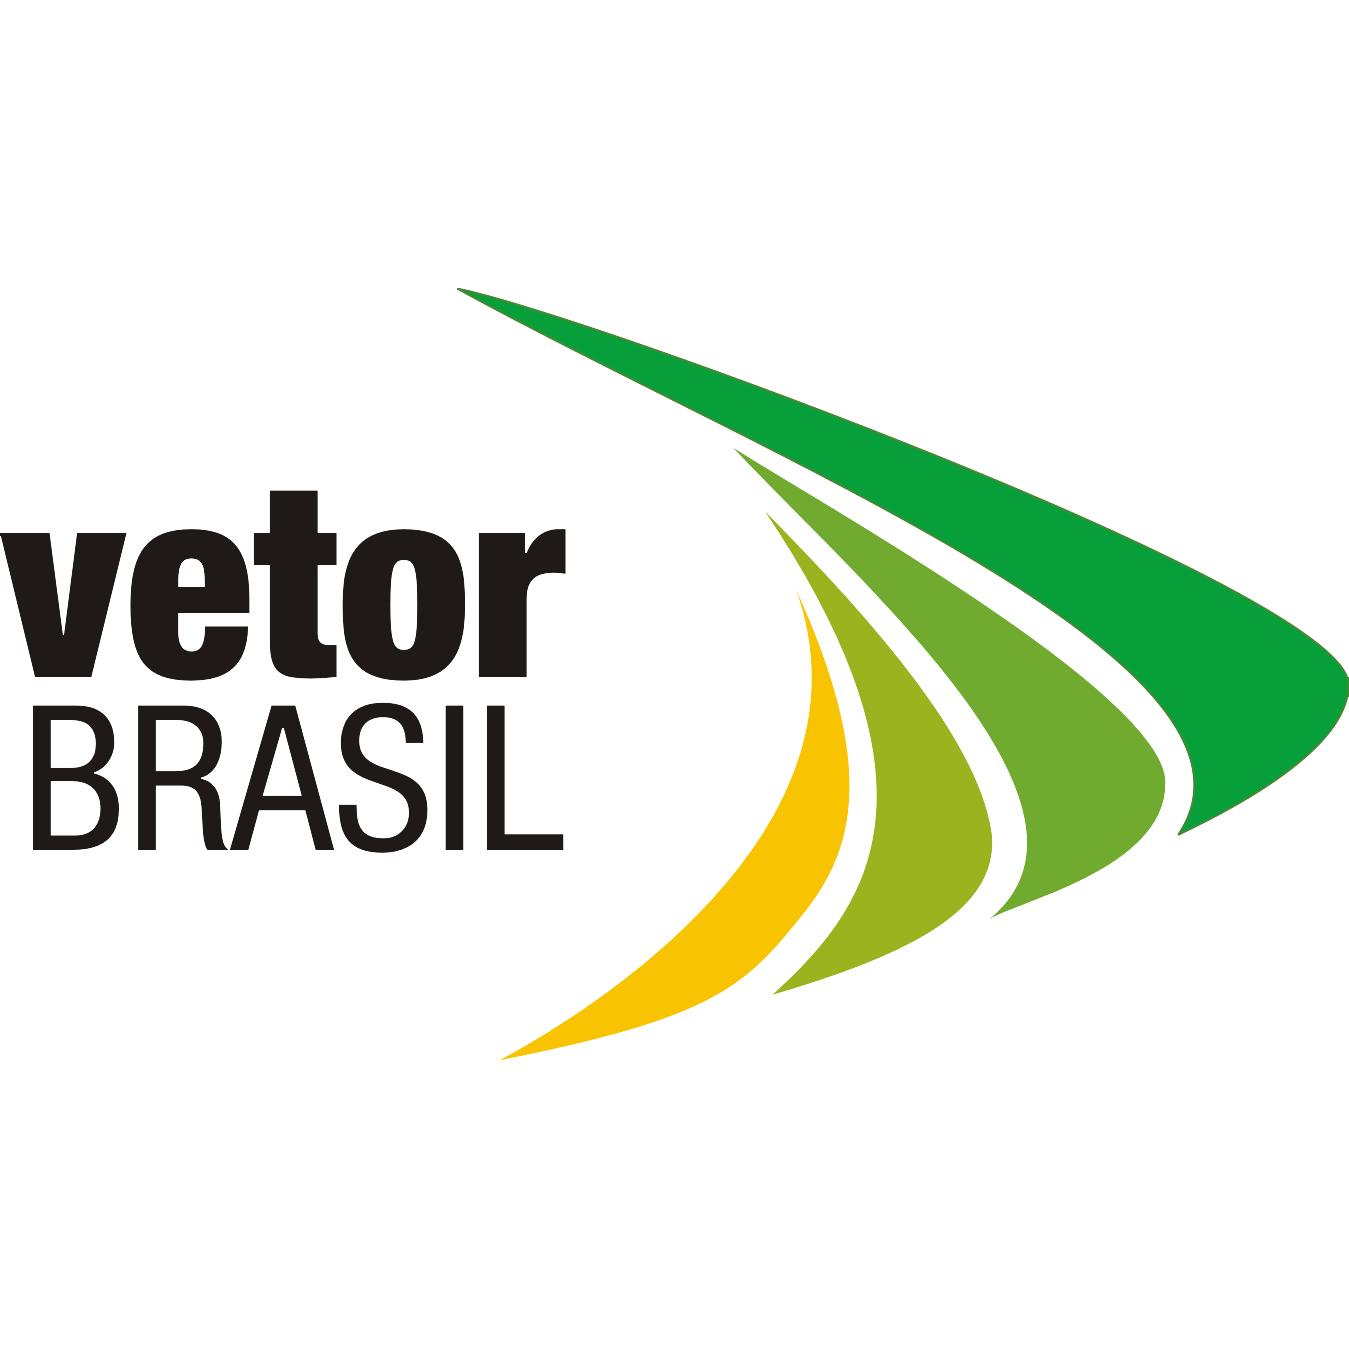 photo of Vetor Brasil